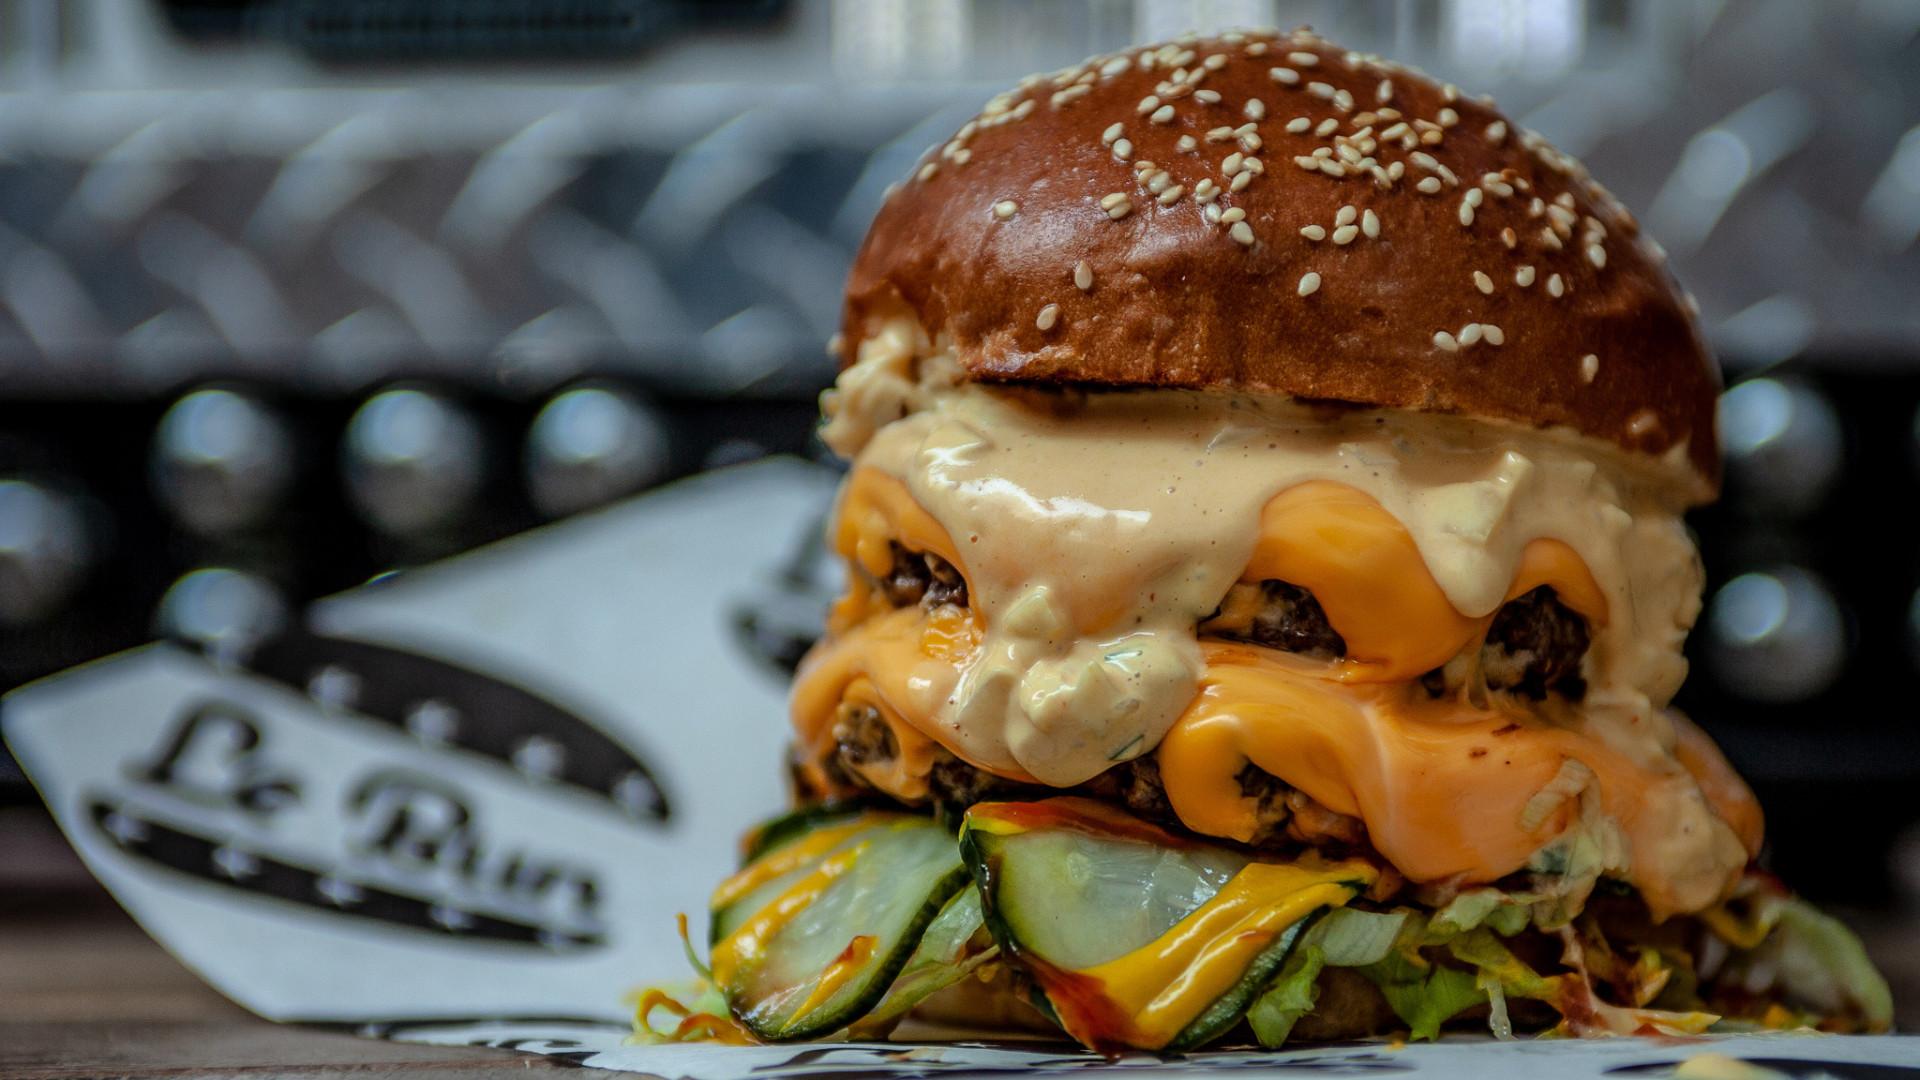 Le Royale Cheeseburger